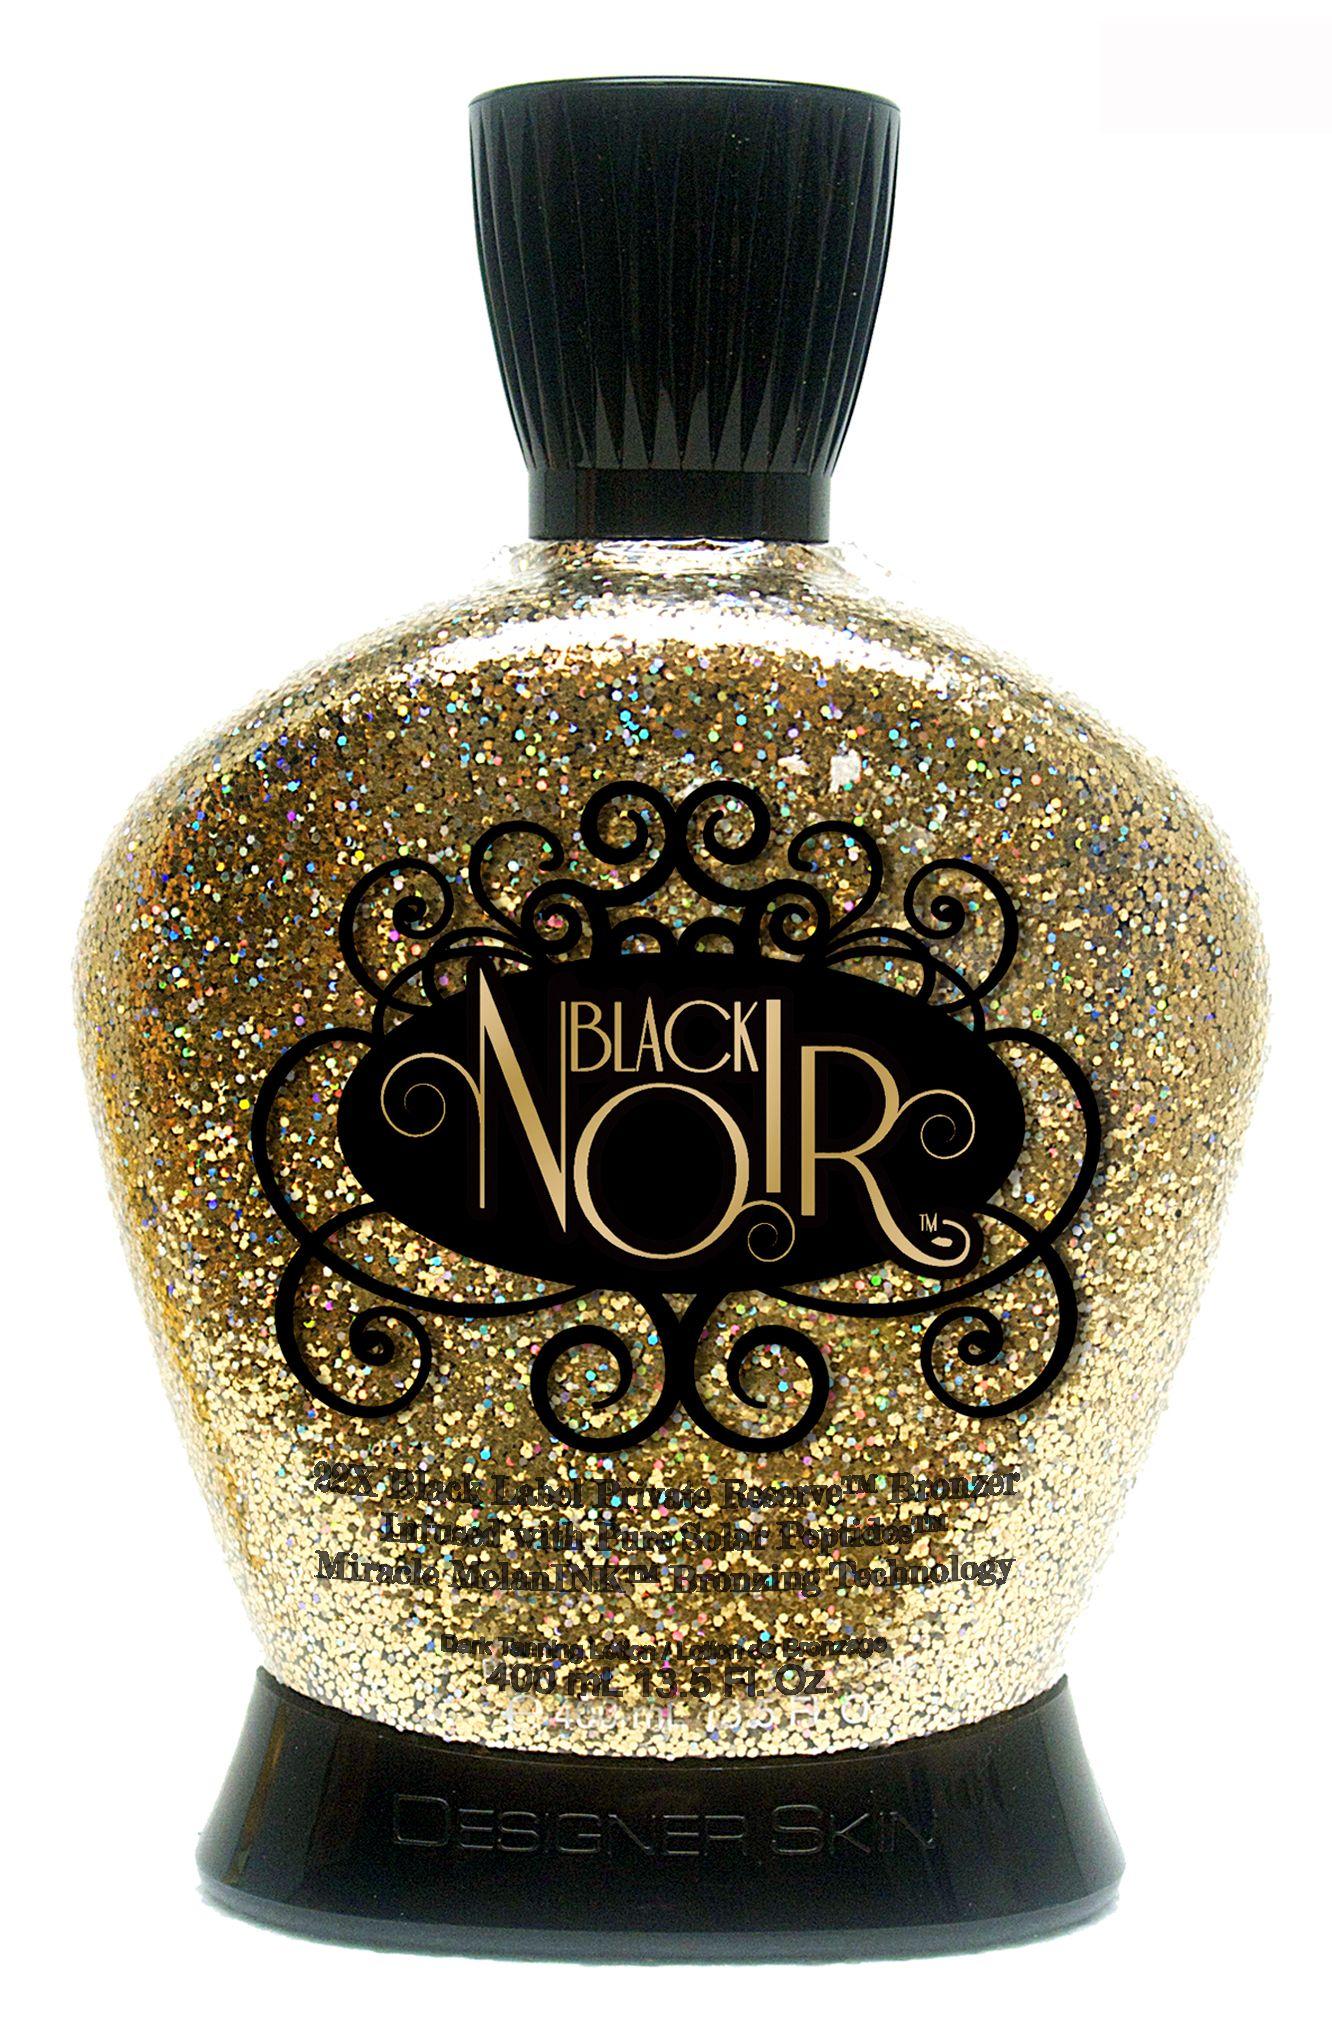 Designer Skin's Black Noir has an unparalleled 22X Bronzer